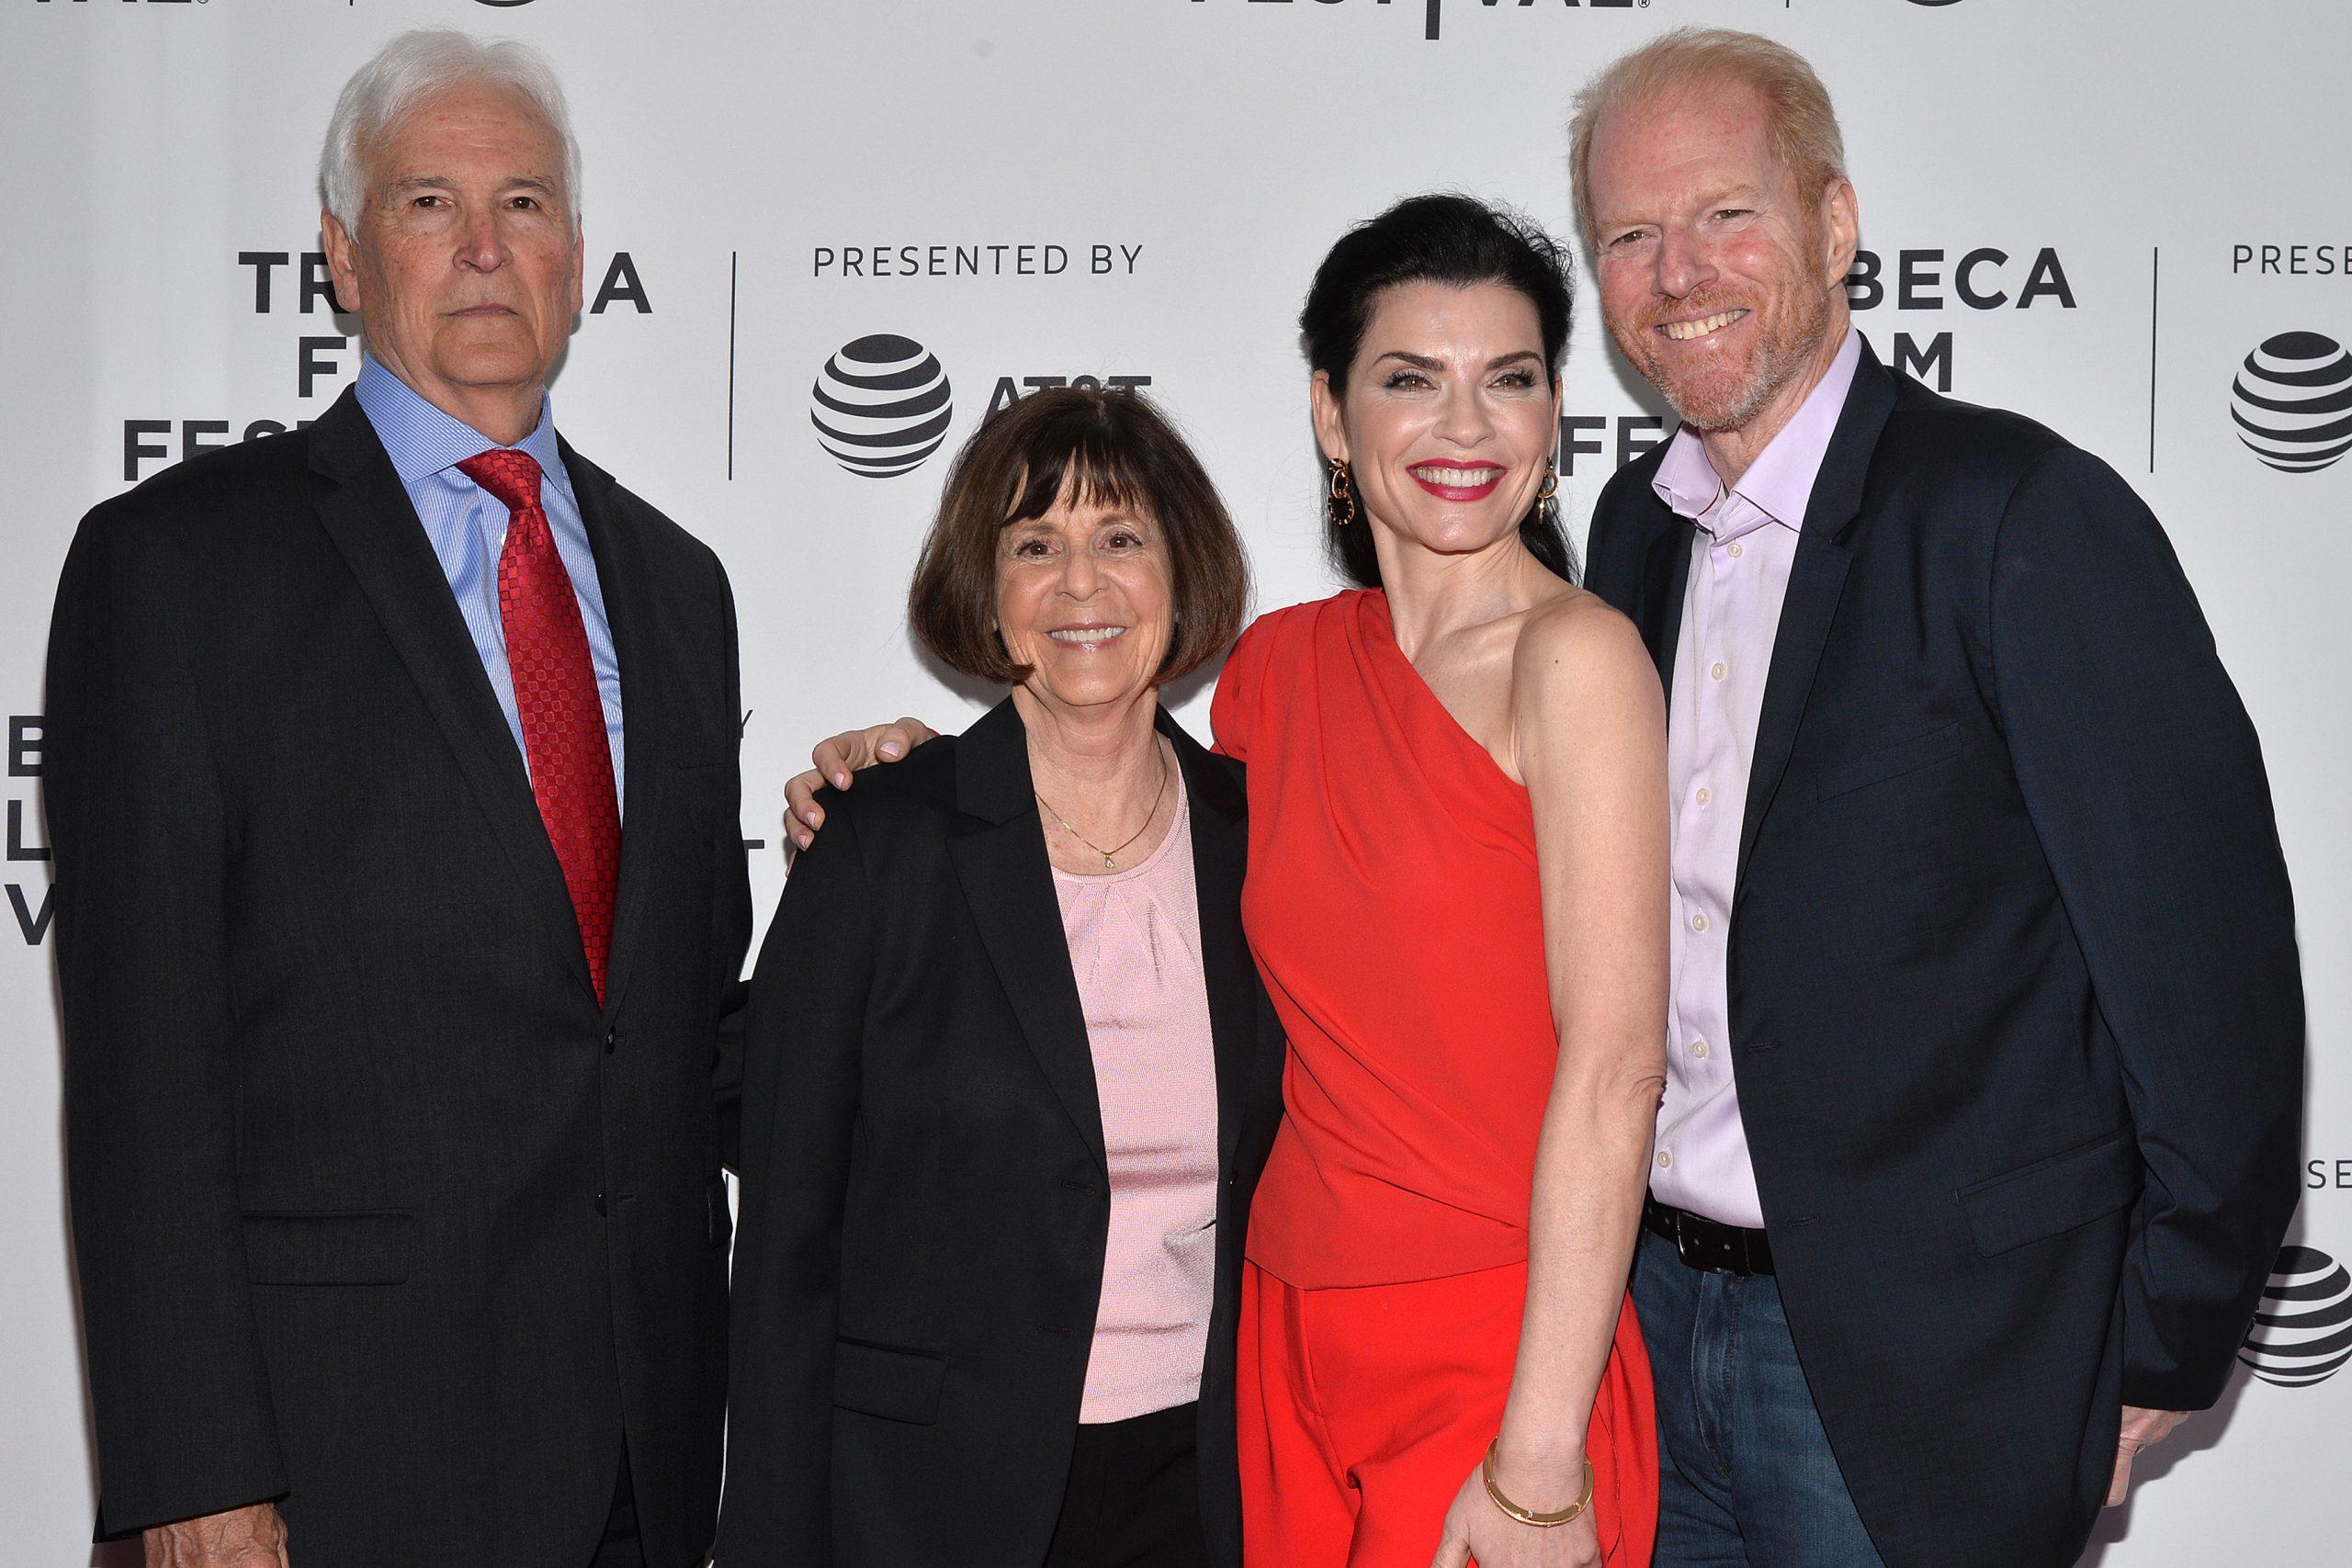 Photo of Jerry Jaax,Nancy Jaax, Julianna Margulies,Noah Emmerich